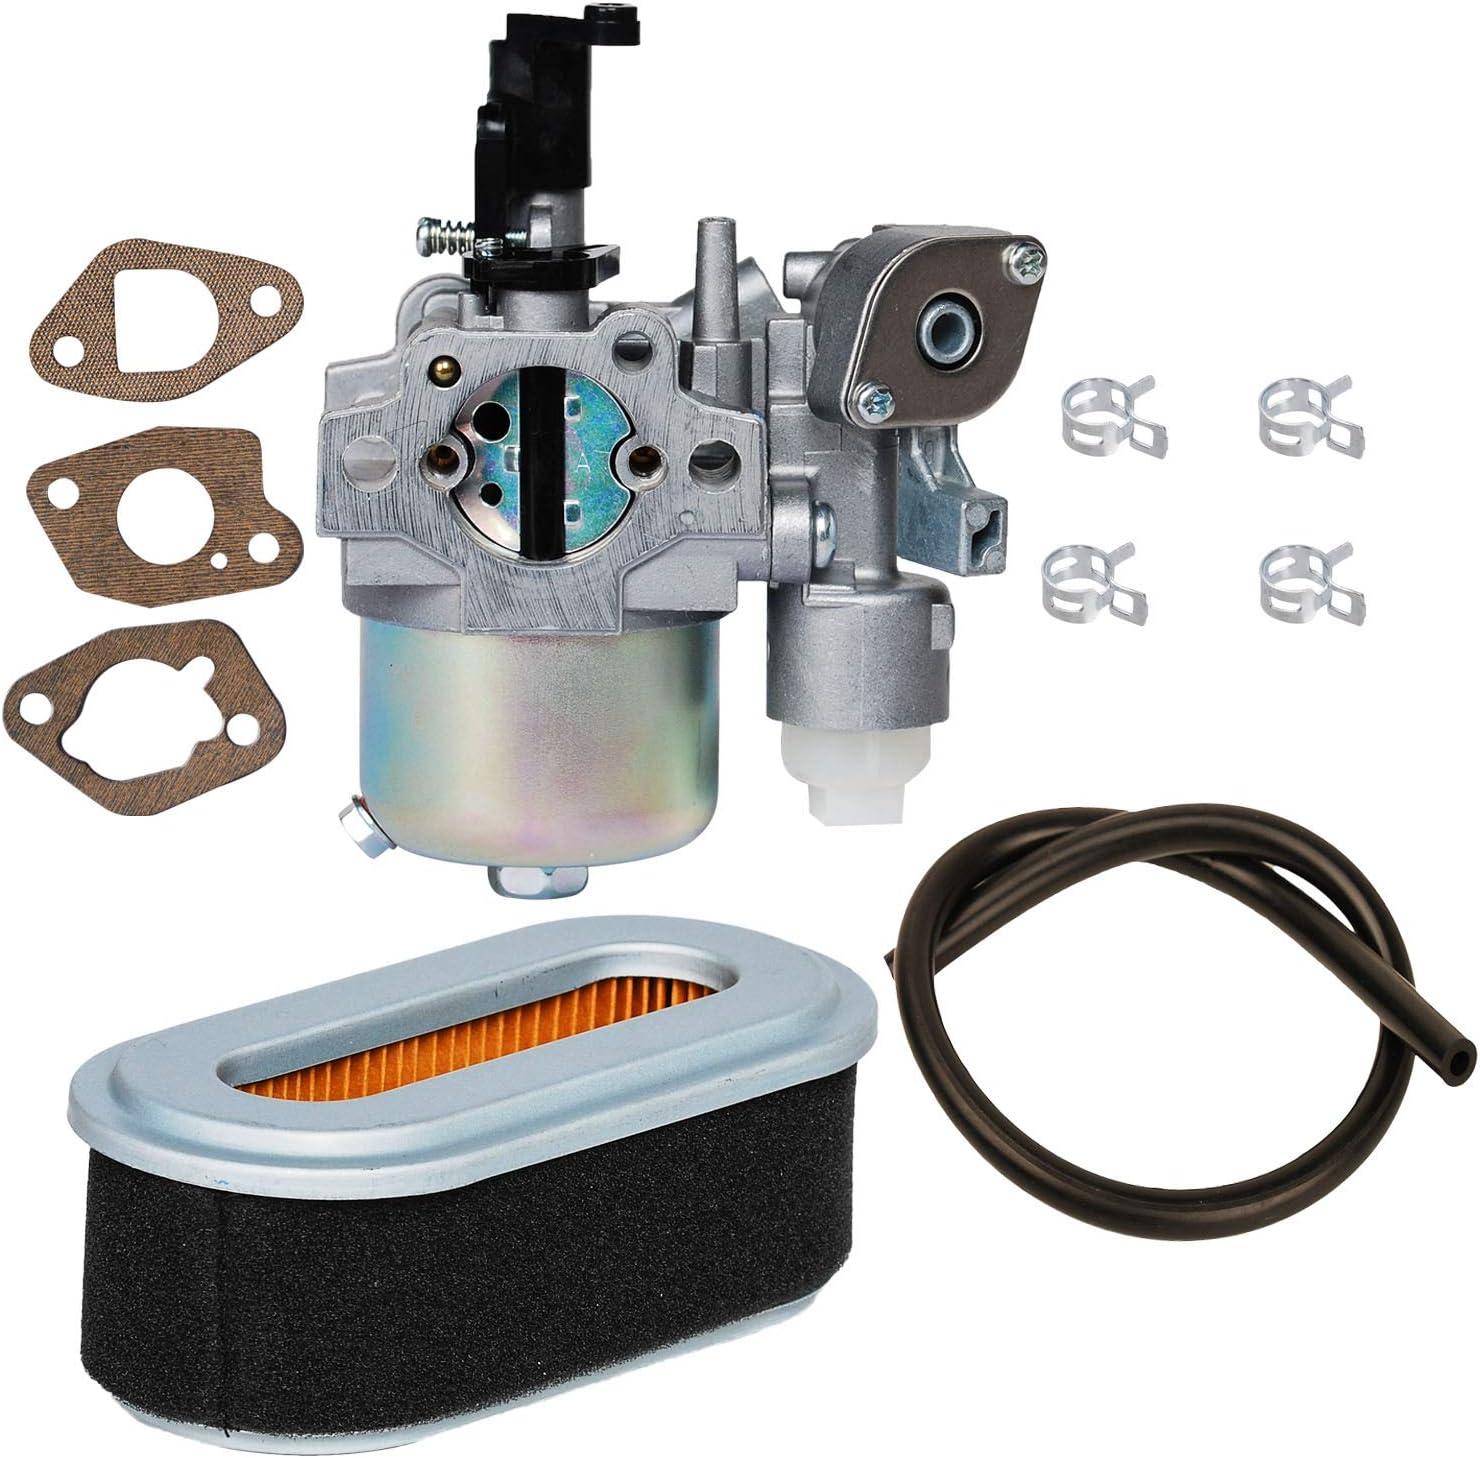 Carkio Carburateur Kit de conduite de carburant pour Subaru Robin EX17 EX17D EX170 EX170D SP170 SP17 6.0HP Moteur 277-32611-07 277-62301-50 277-62301-30